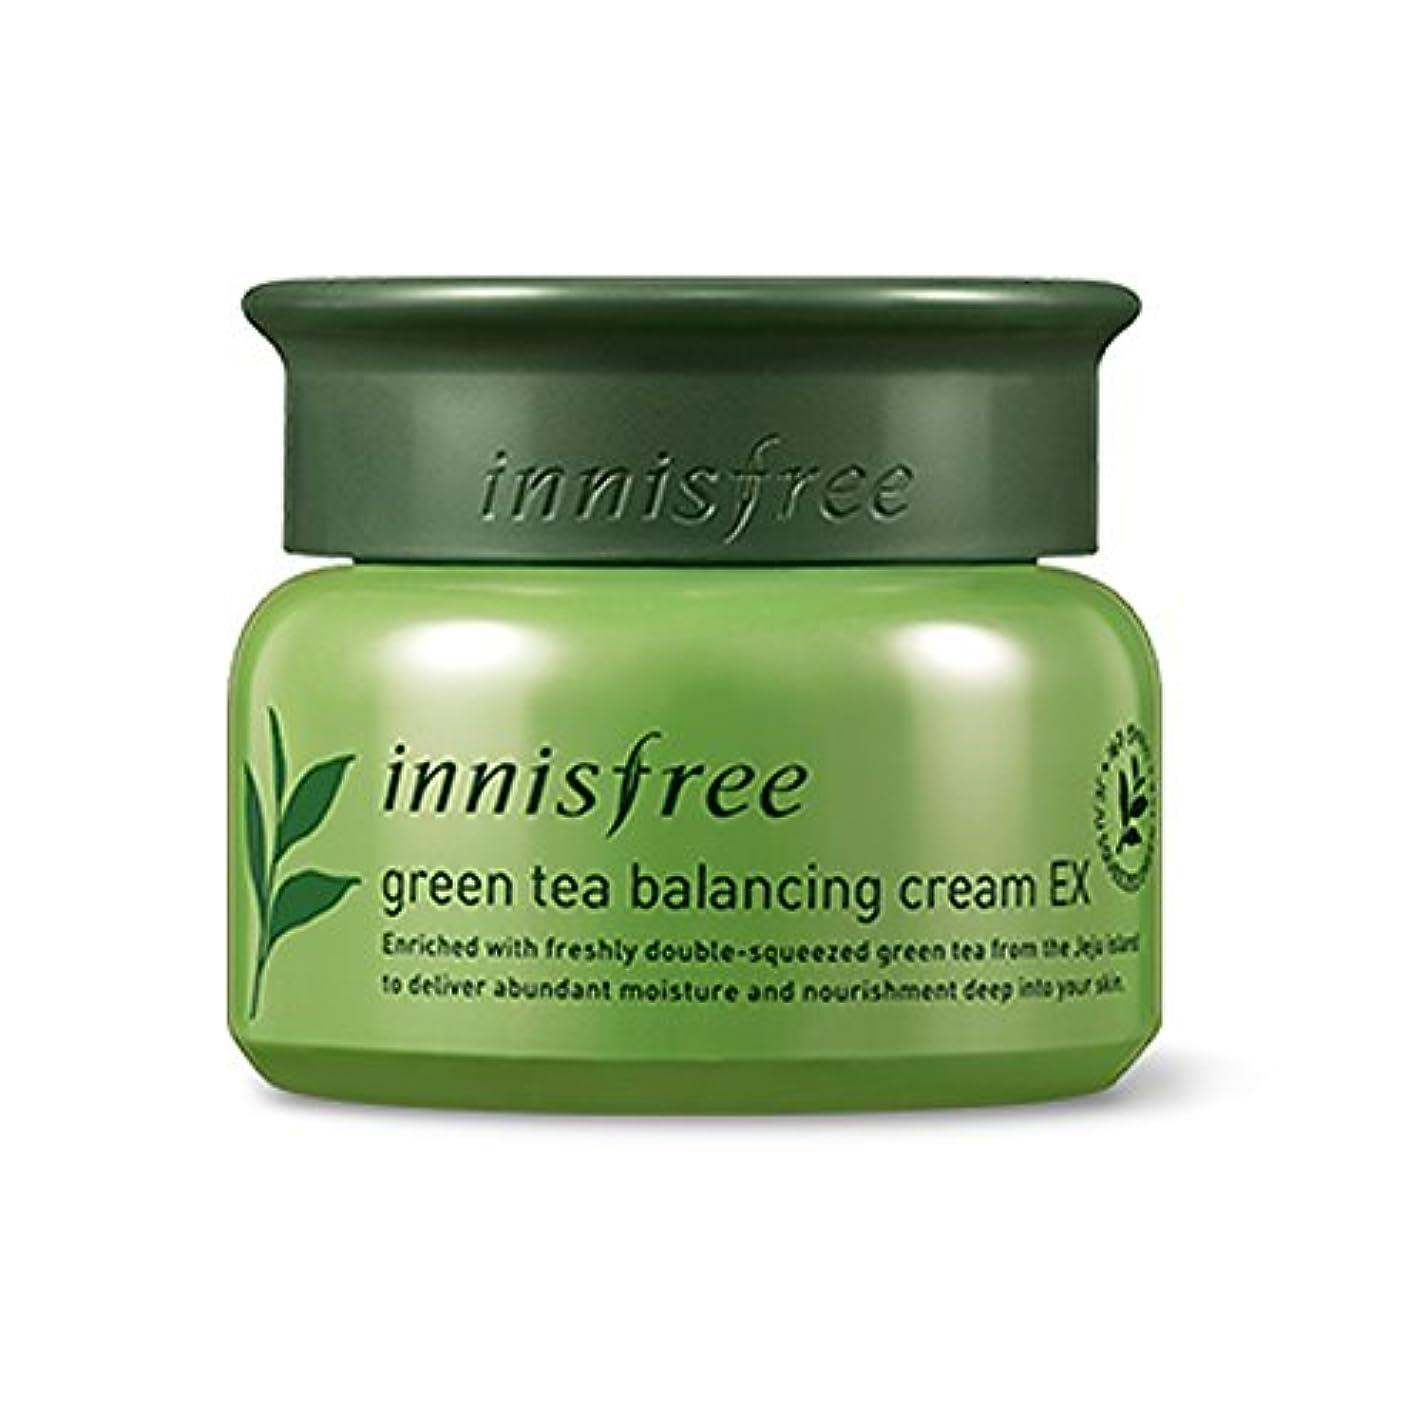 ふくろうコーヒー言うイニスフリーグリーンティーバランスクリーム50ml「2018新製品」 Innisfree Green Tea Balancing Cream 50ml